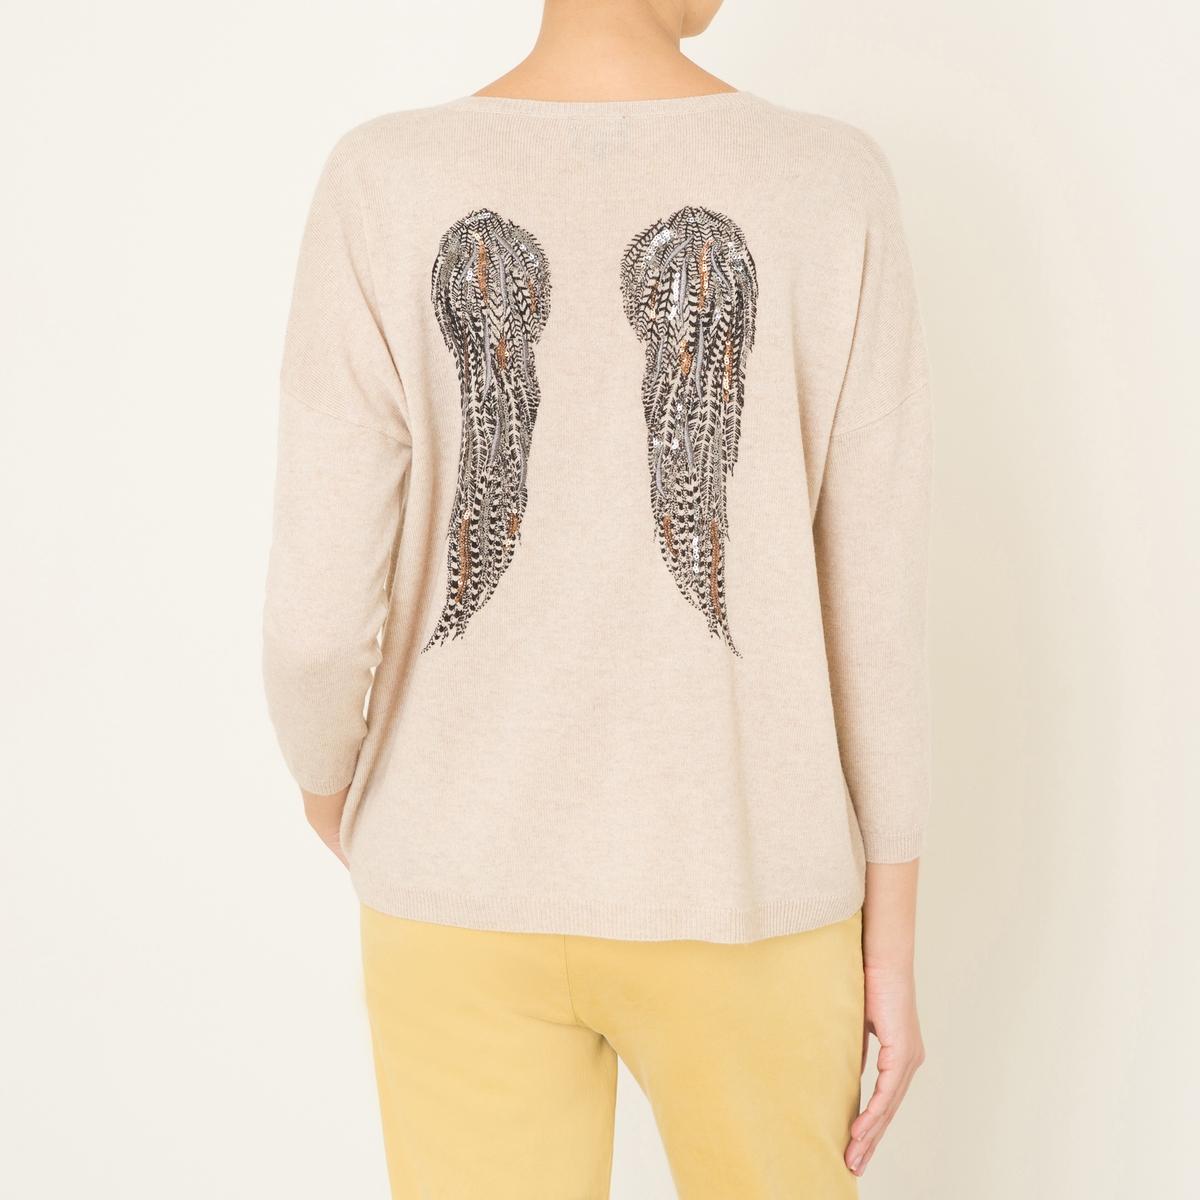 Пуловер INESСостав и описание :Материал : меланжевый трикотаж 90% шерсти, 10% кашемираМарка : BERENICE<br><br>Цвет: антрацит,бежевый